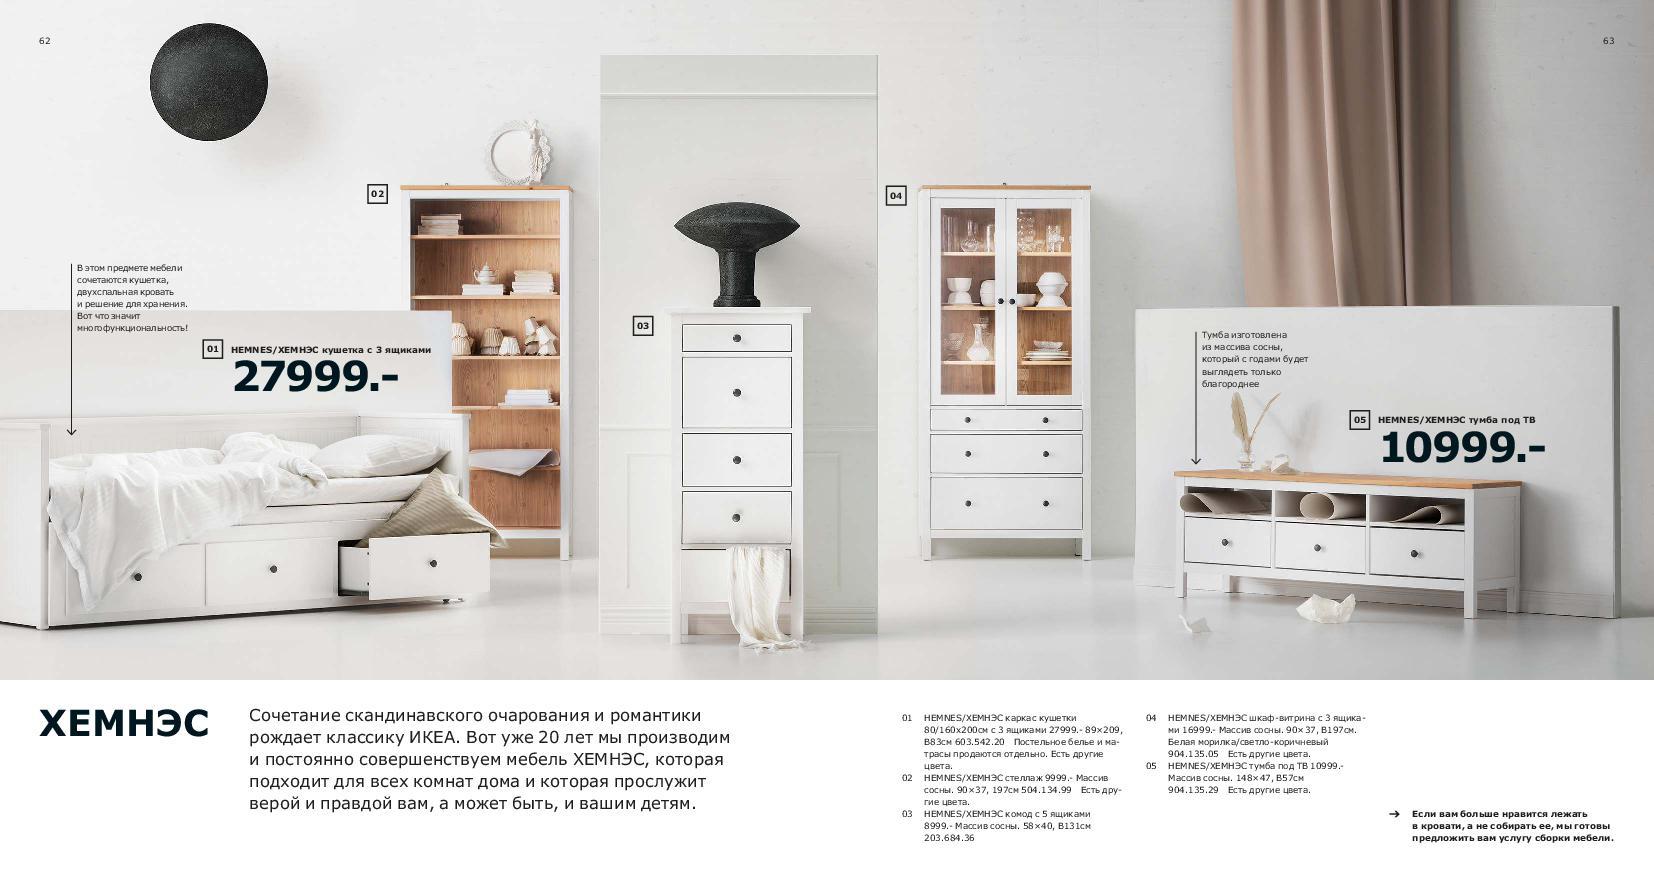 IKEA_catalogue_2019-32